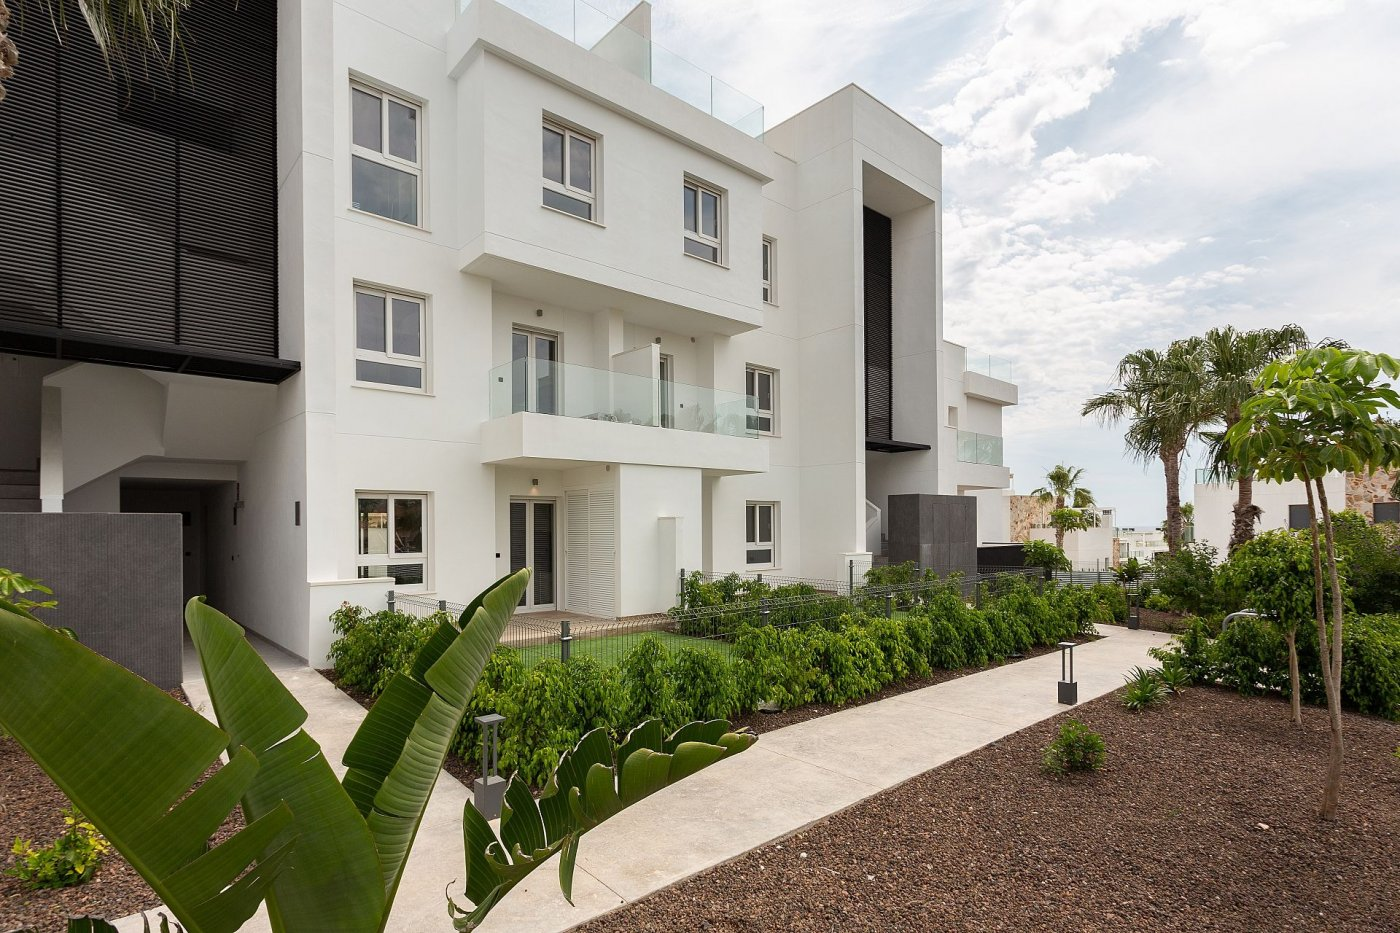 Nuevo residencial cerrado en orihuela costa !!! - imagenInmueble2